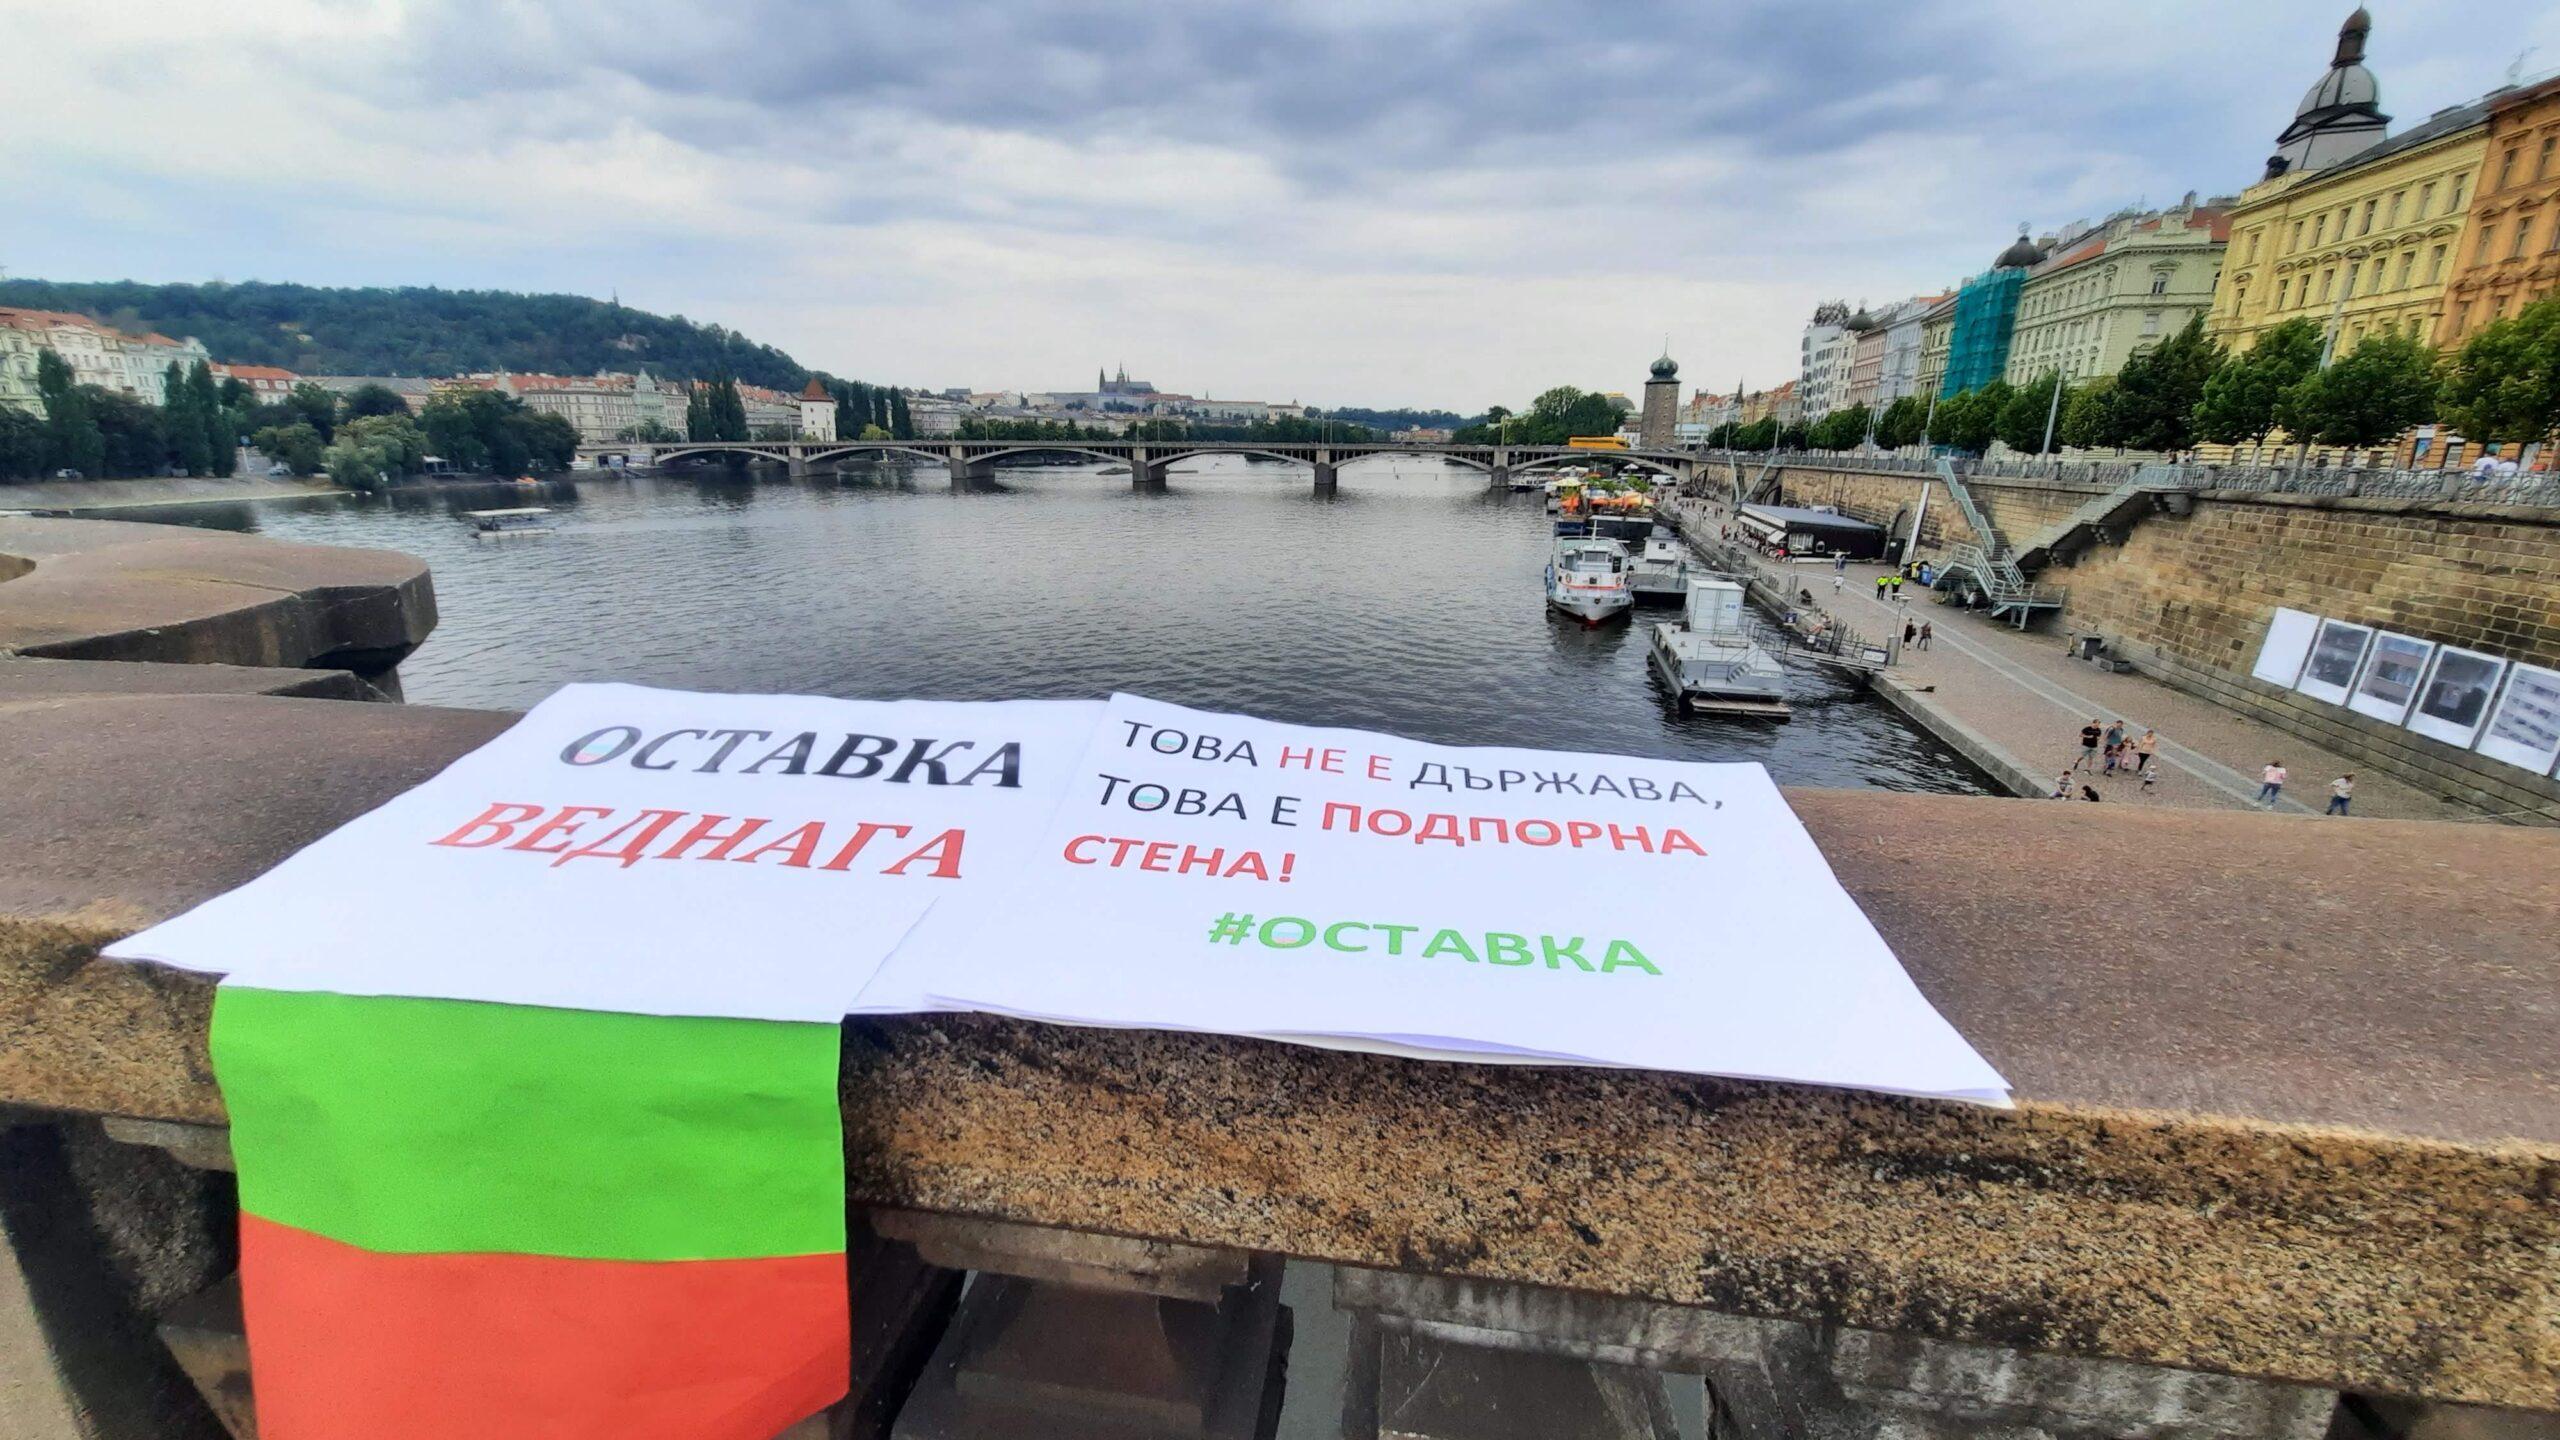 Протести и в Прага. #оставка